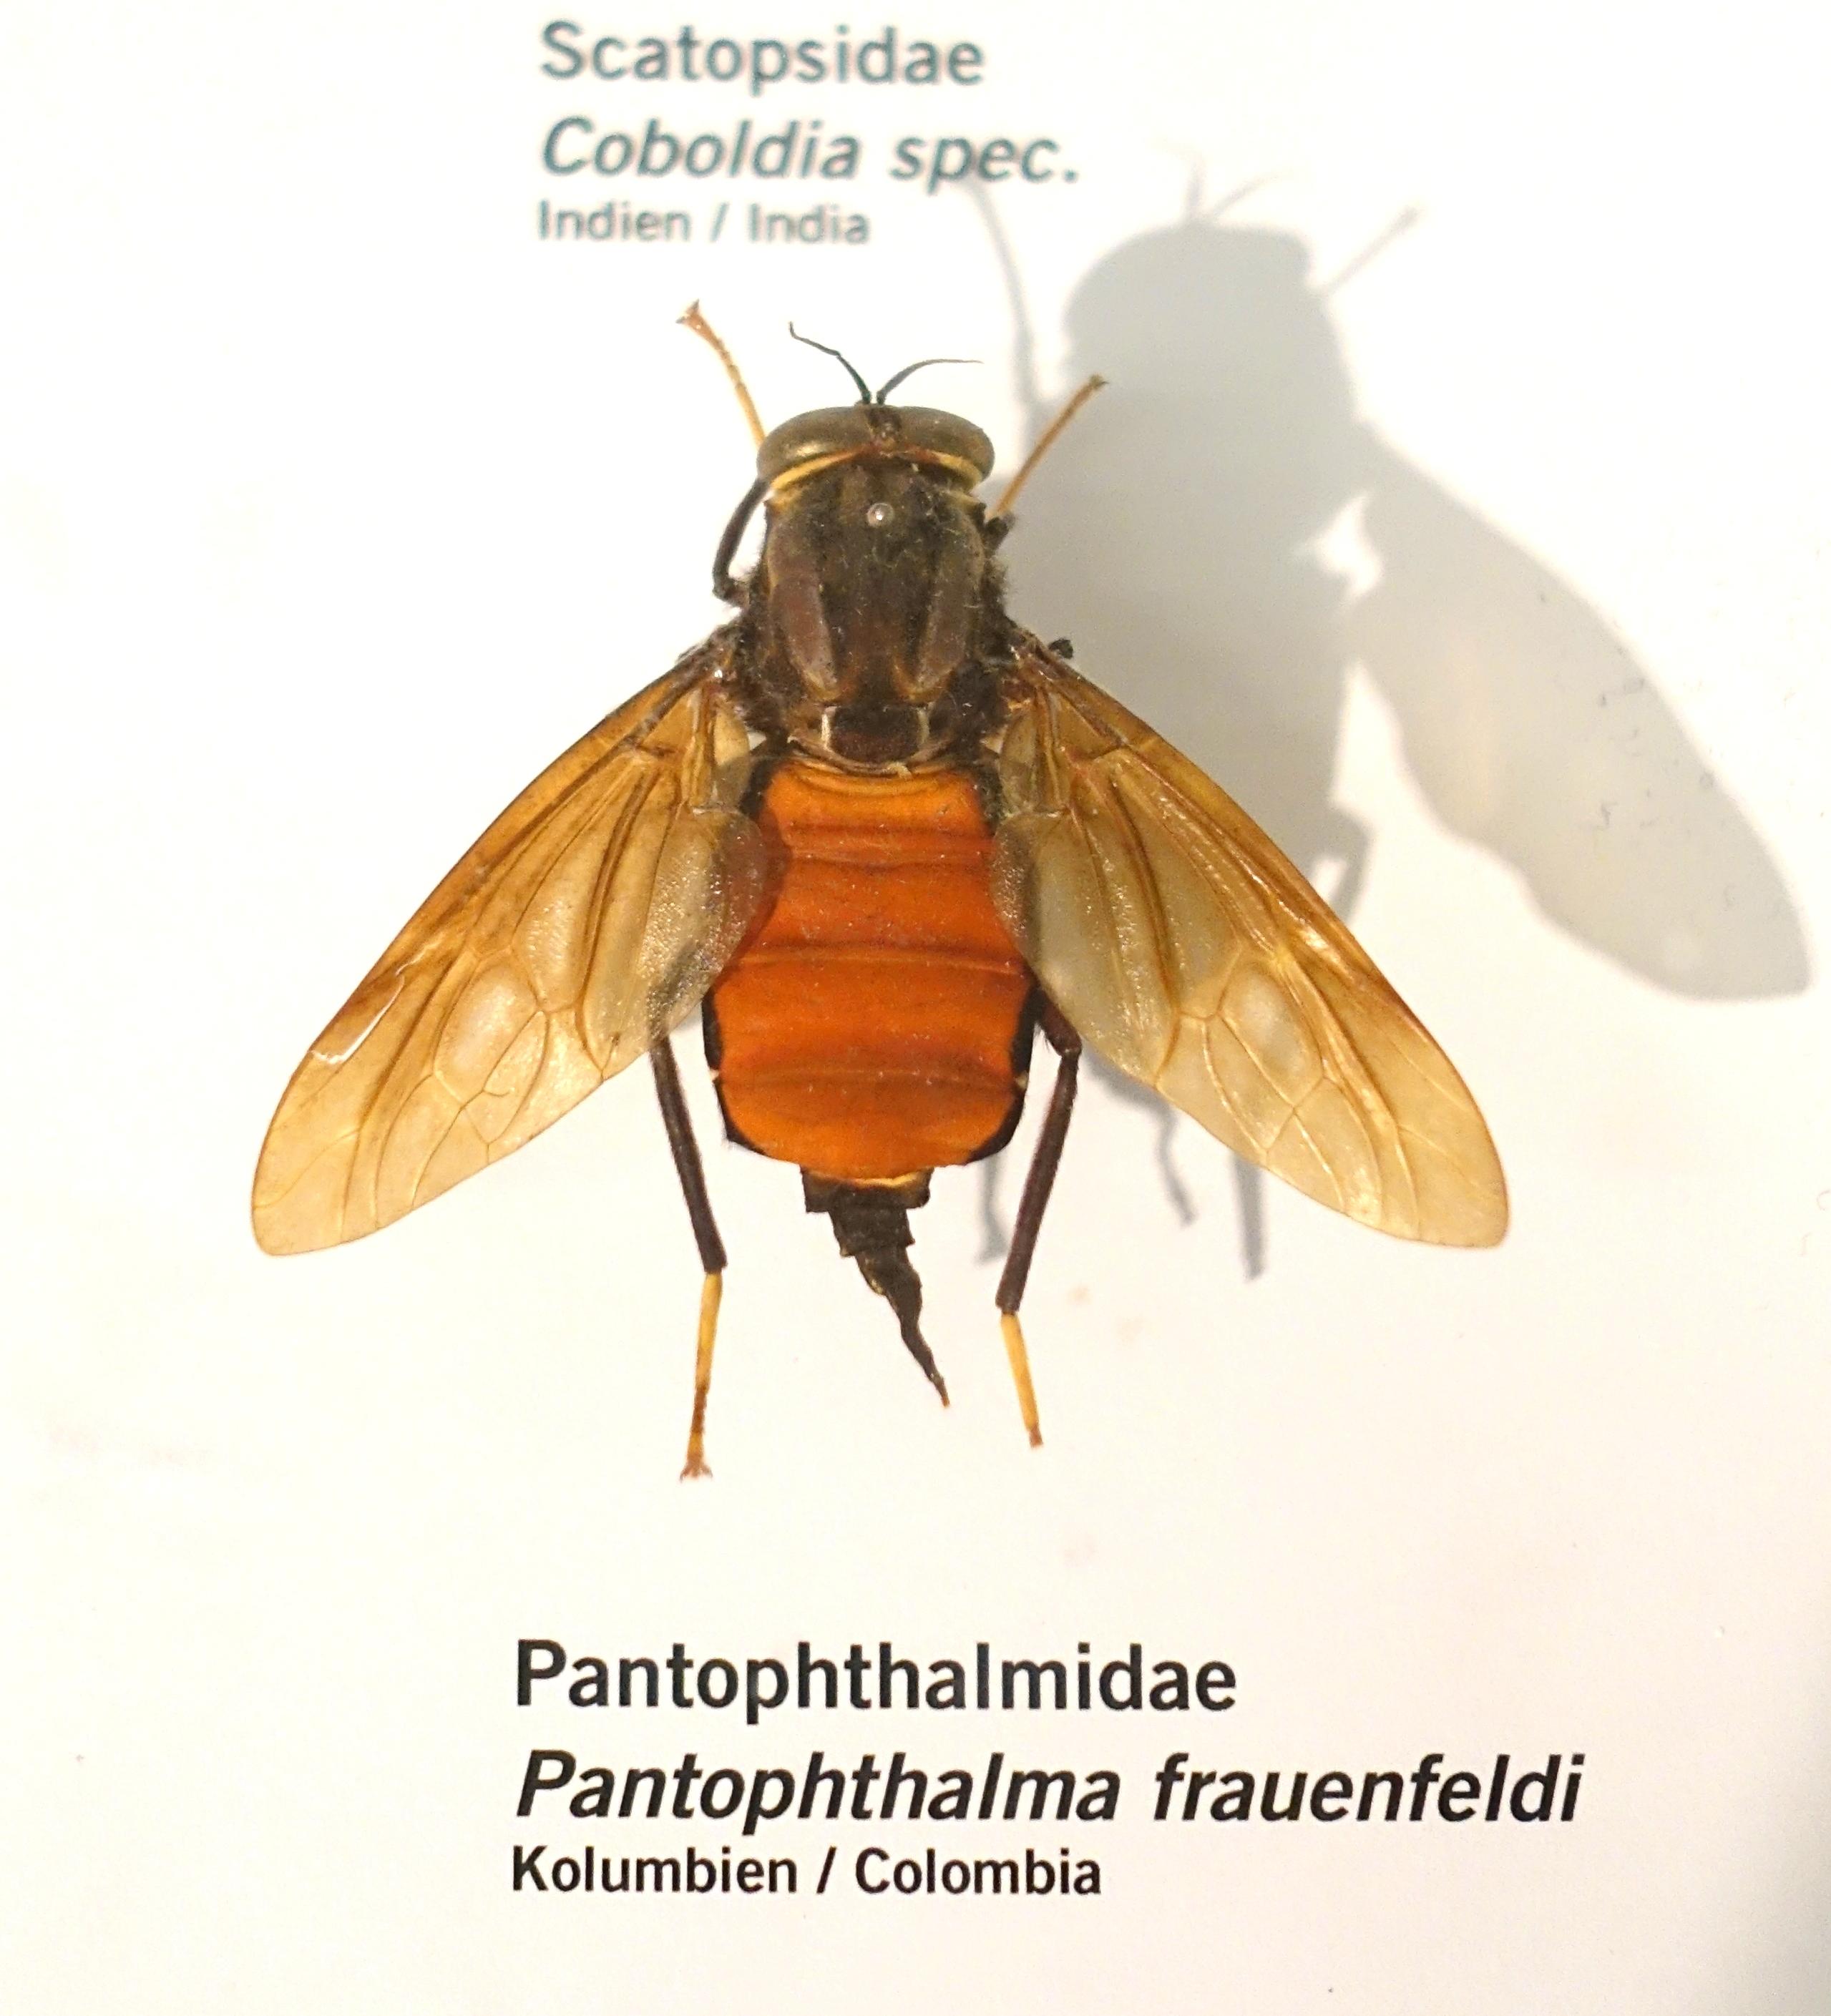 Image of Pantophthalmus